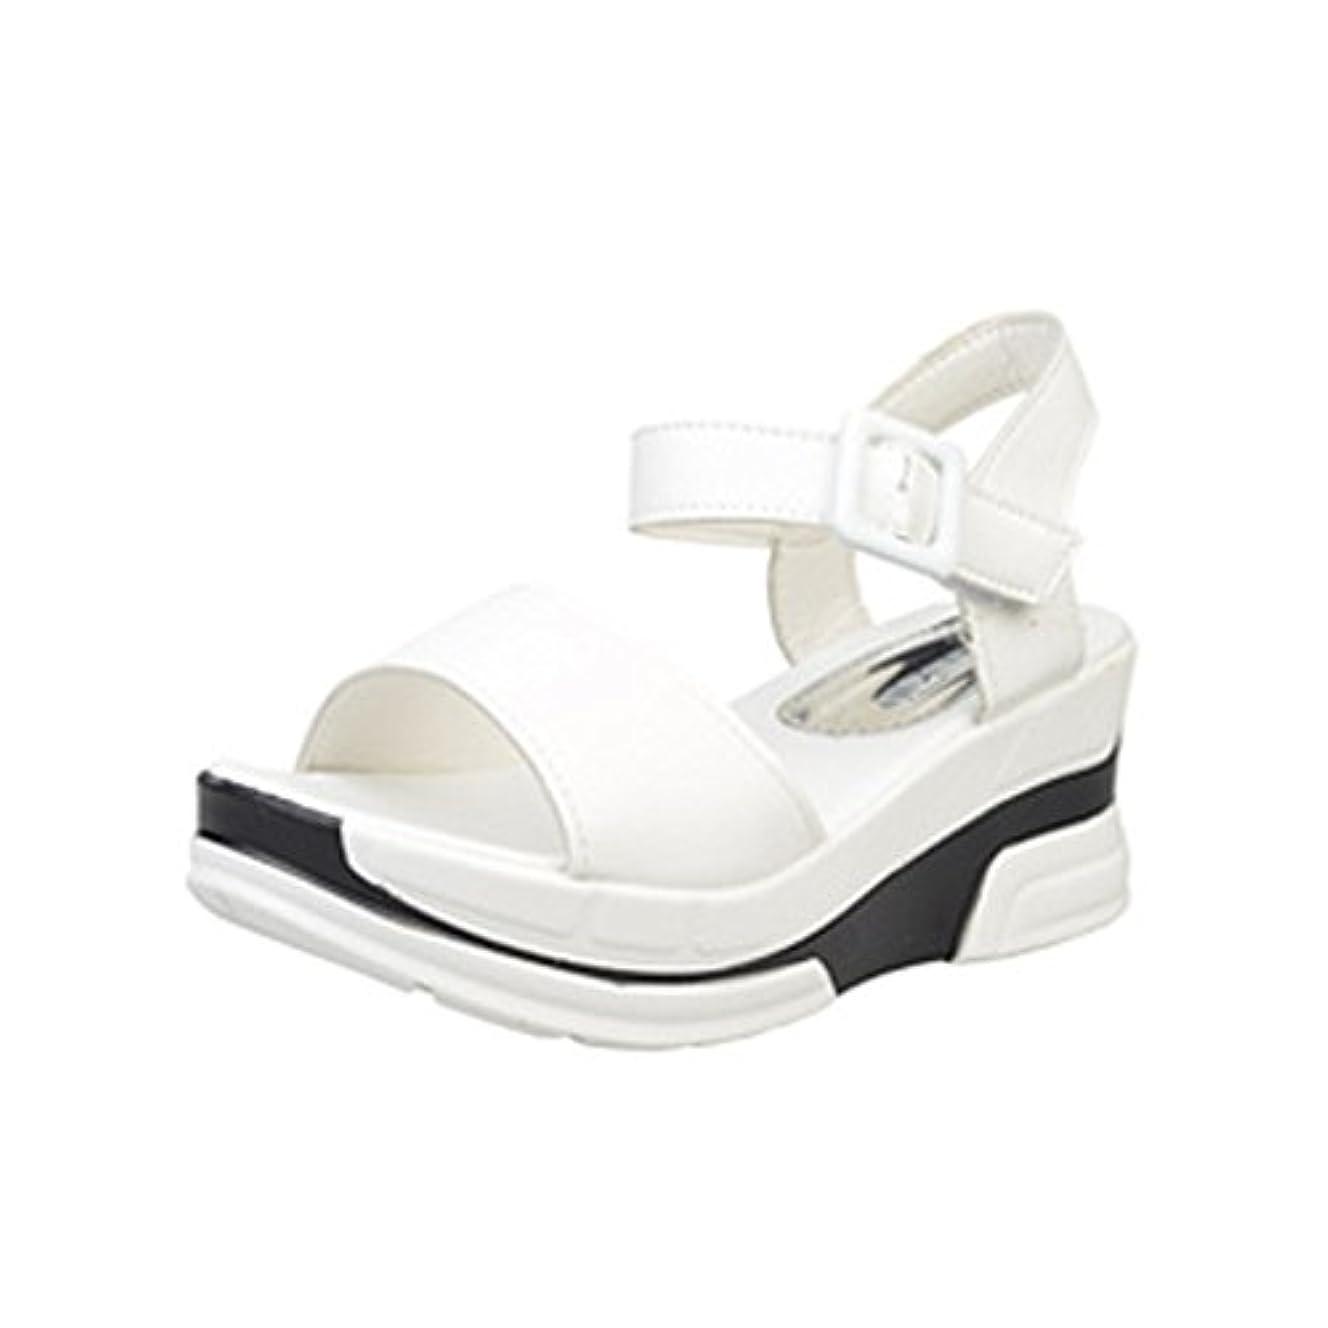 保育園飢饉滑り台[シューズ Foreted] サンダル フラット アンクルストラップ 美脚 フォーマル 厚底 おしゃれ 夏 歩きやすい コンフォート ウェッジソール ぺたんこ靴 可愛い